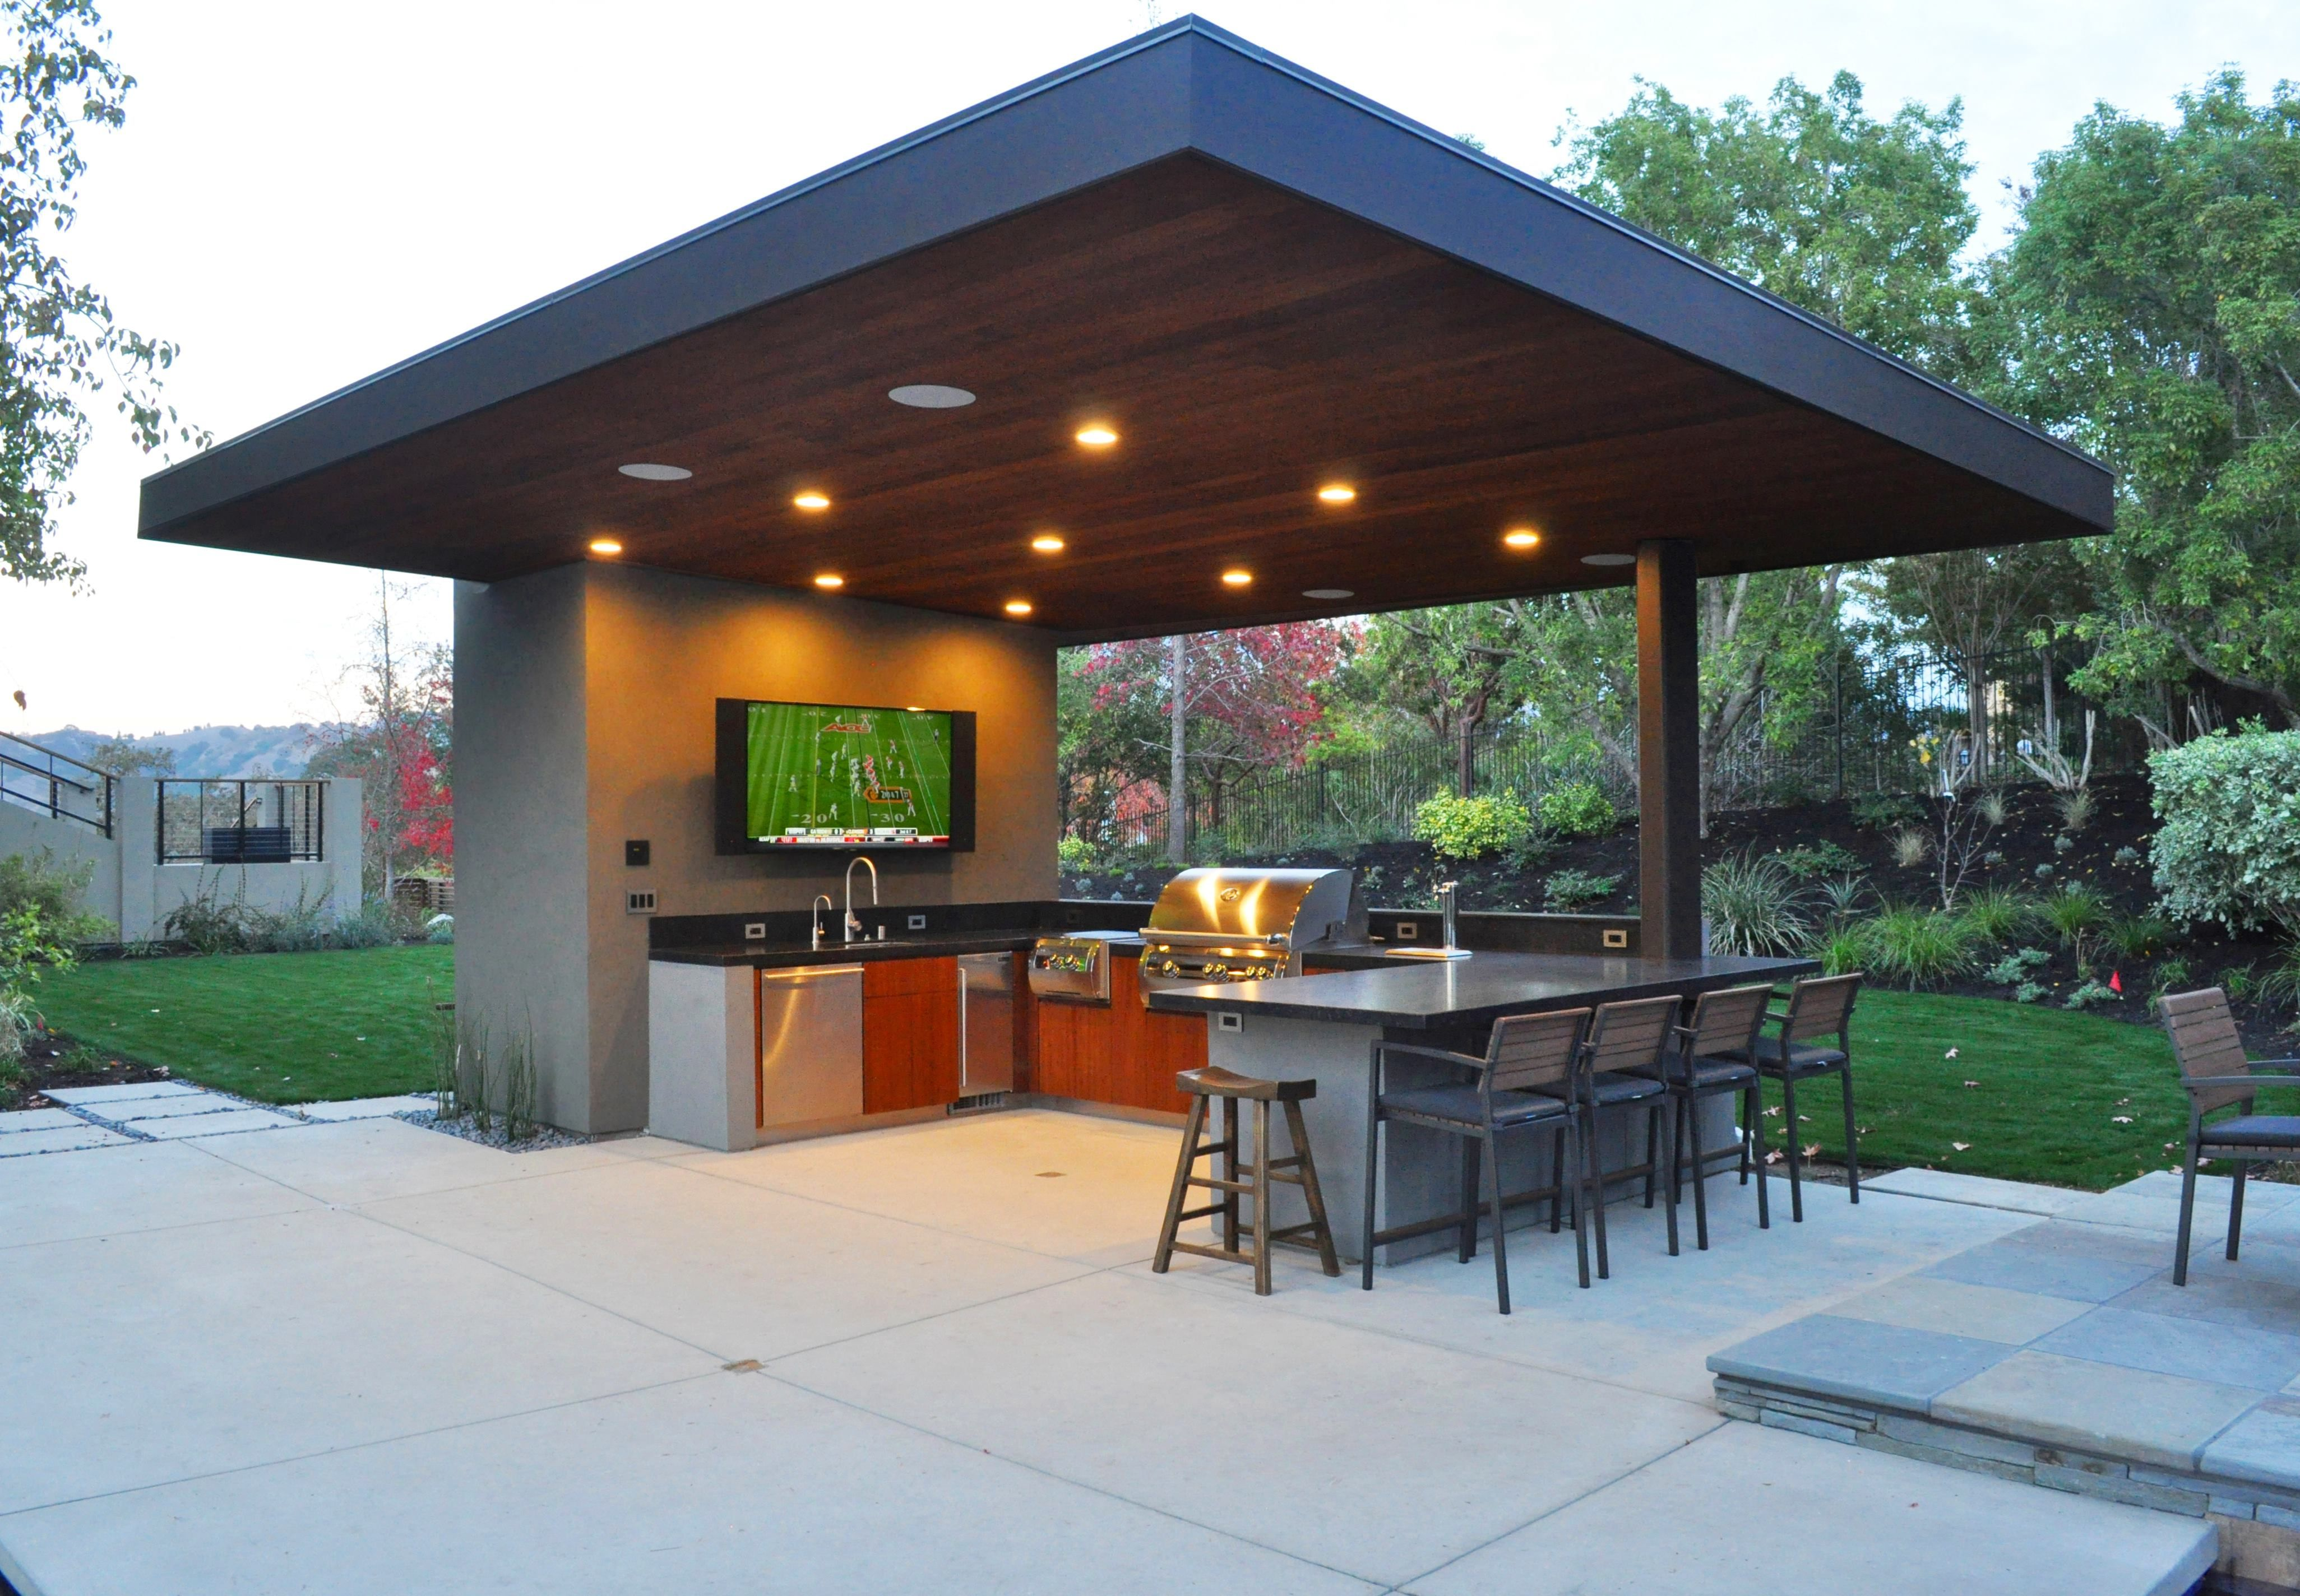 10 Outdoor Kitchen Designs We Love Outdoor Kitchen Design Outdoor Kitchen Design Layout Modern Outdoor Kitchen